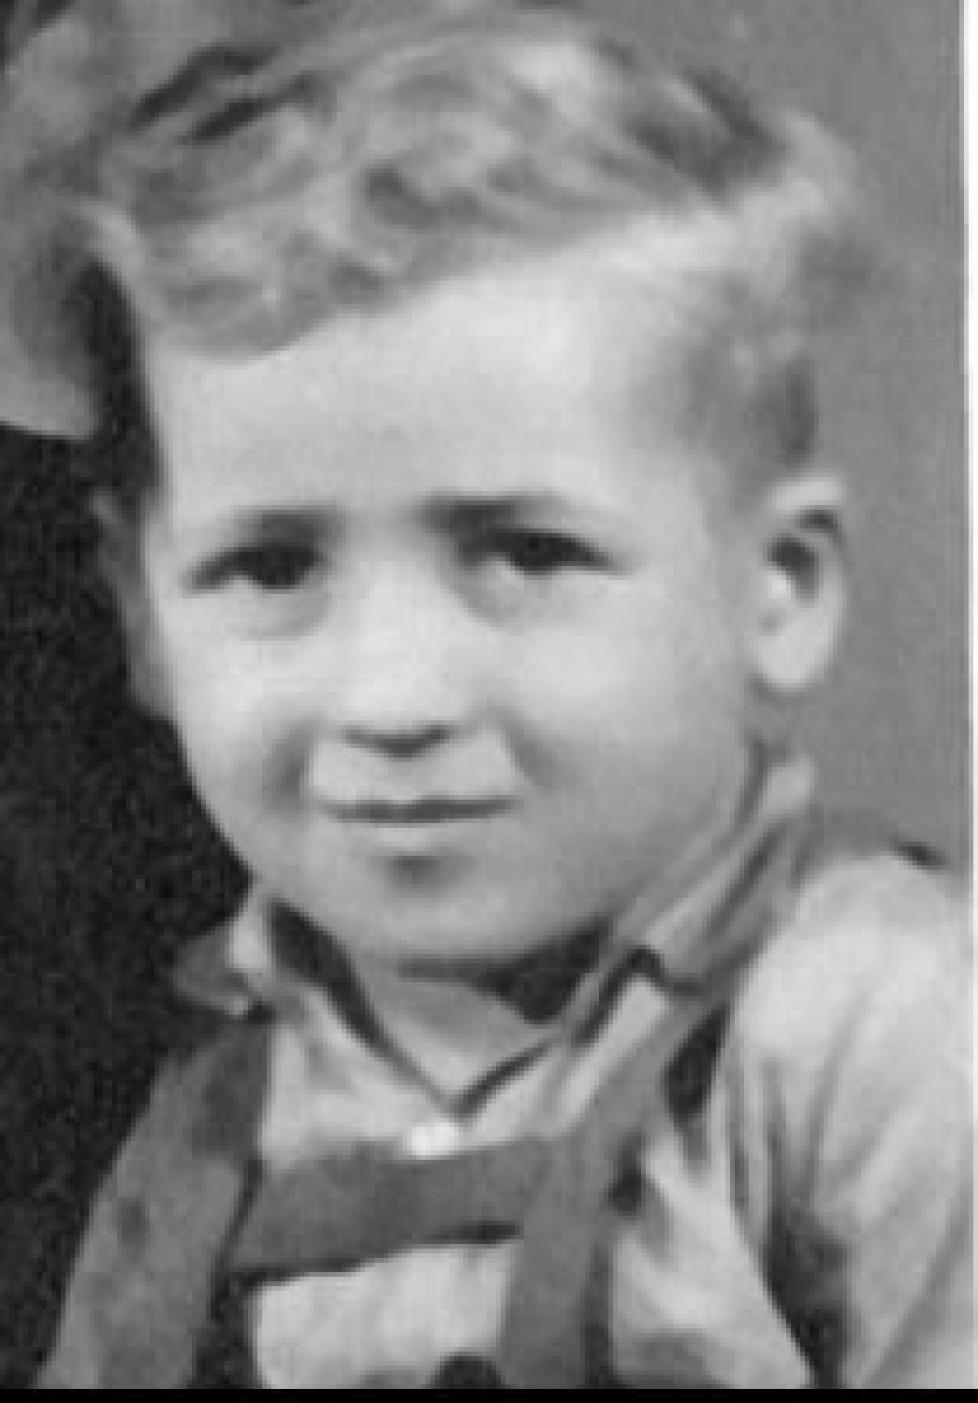 Looking for Jolli – child survivor A7734 from Auschwitz